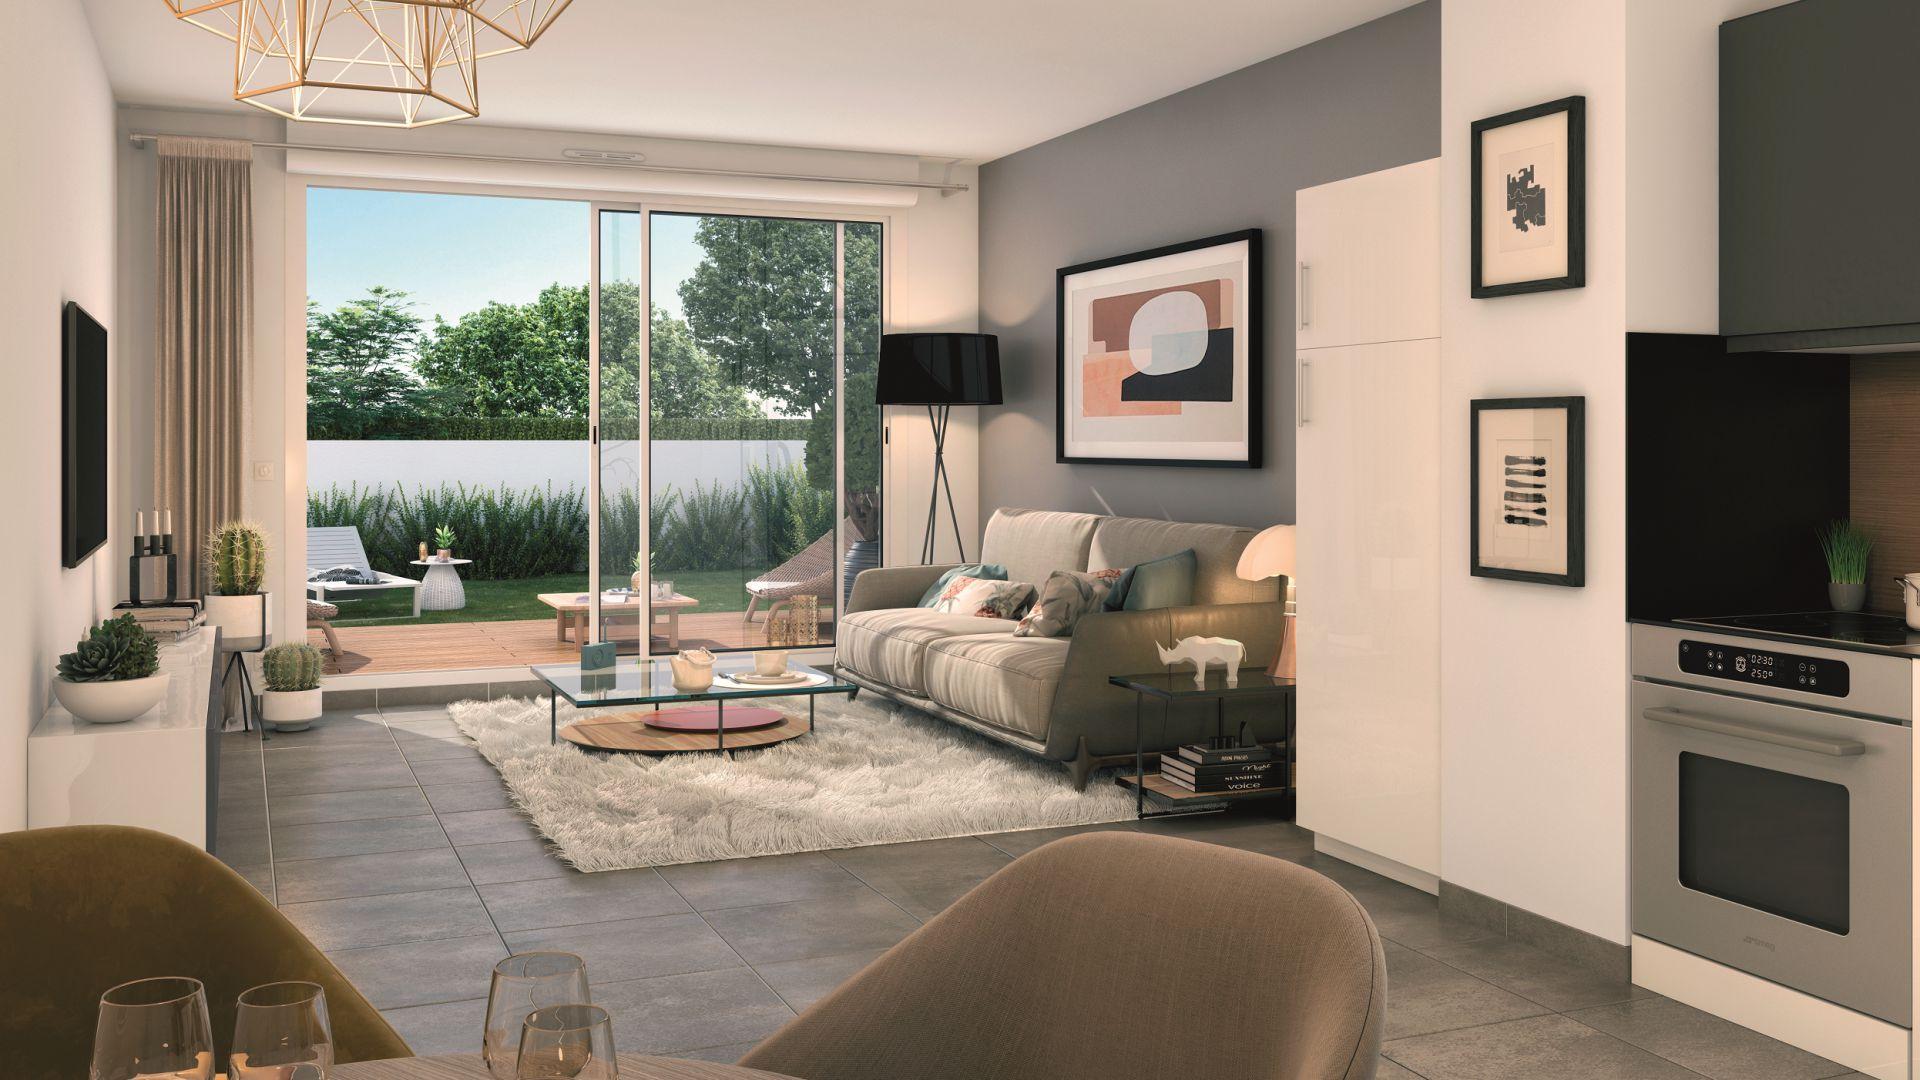 GreenCity immobilier - Toulouse Saint-Simon - 31100 - Résidence Tempo Verde - appartements neufs et villas neuves - vue intérieure